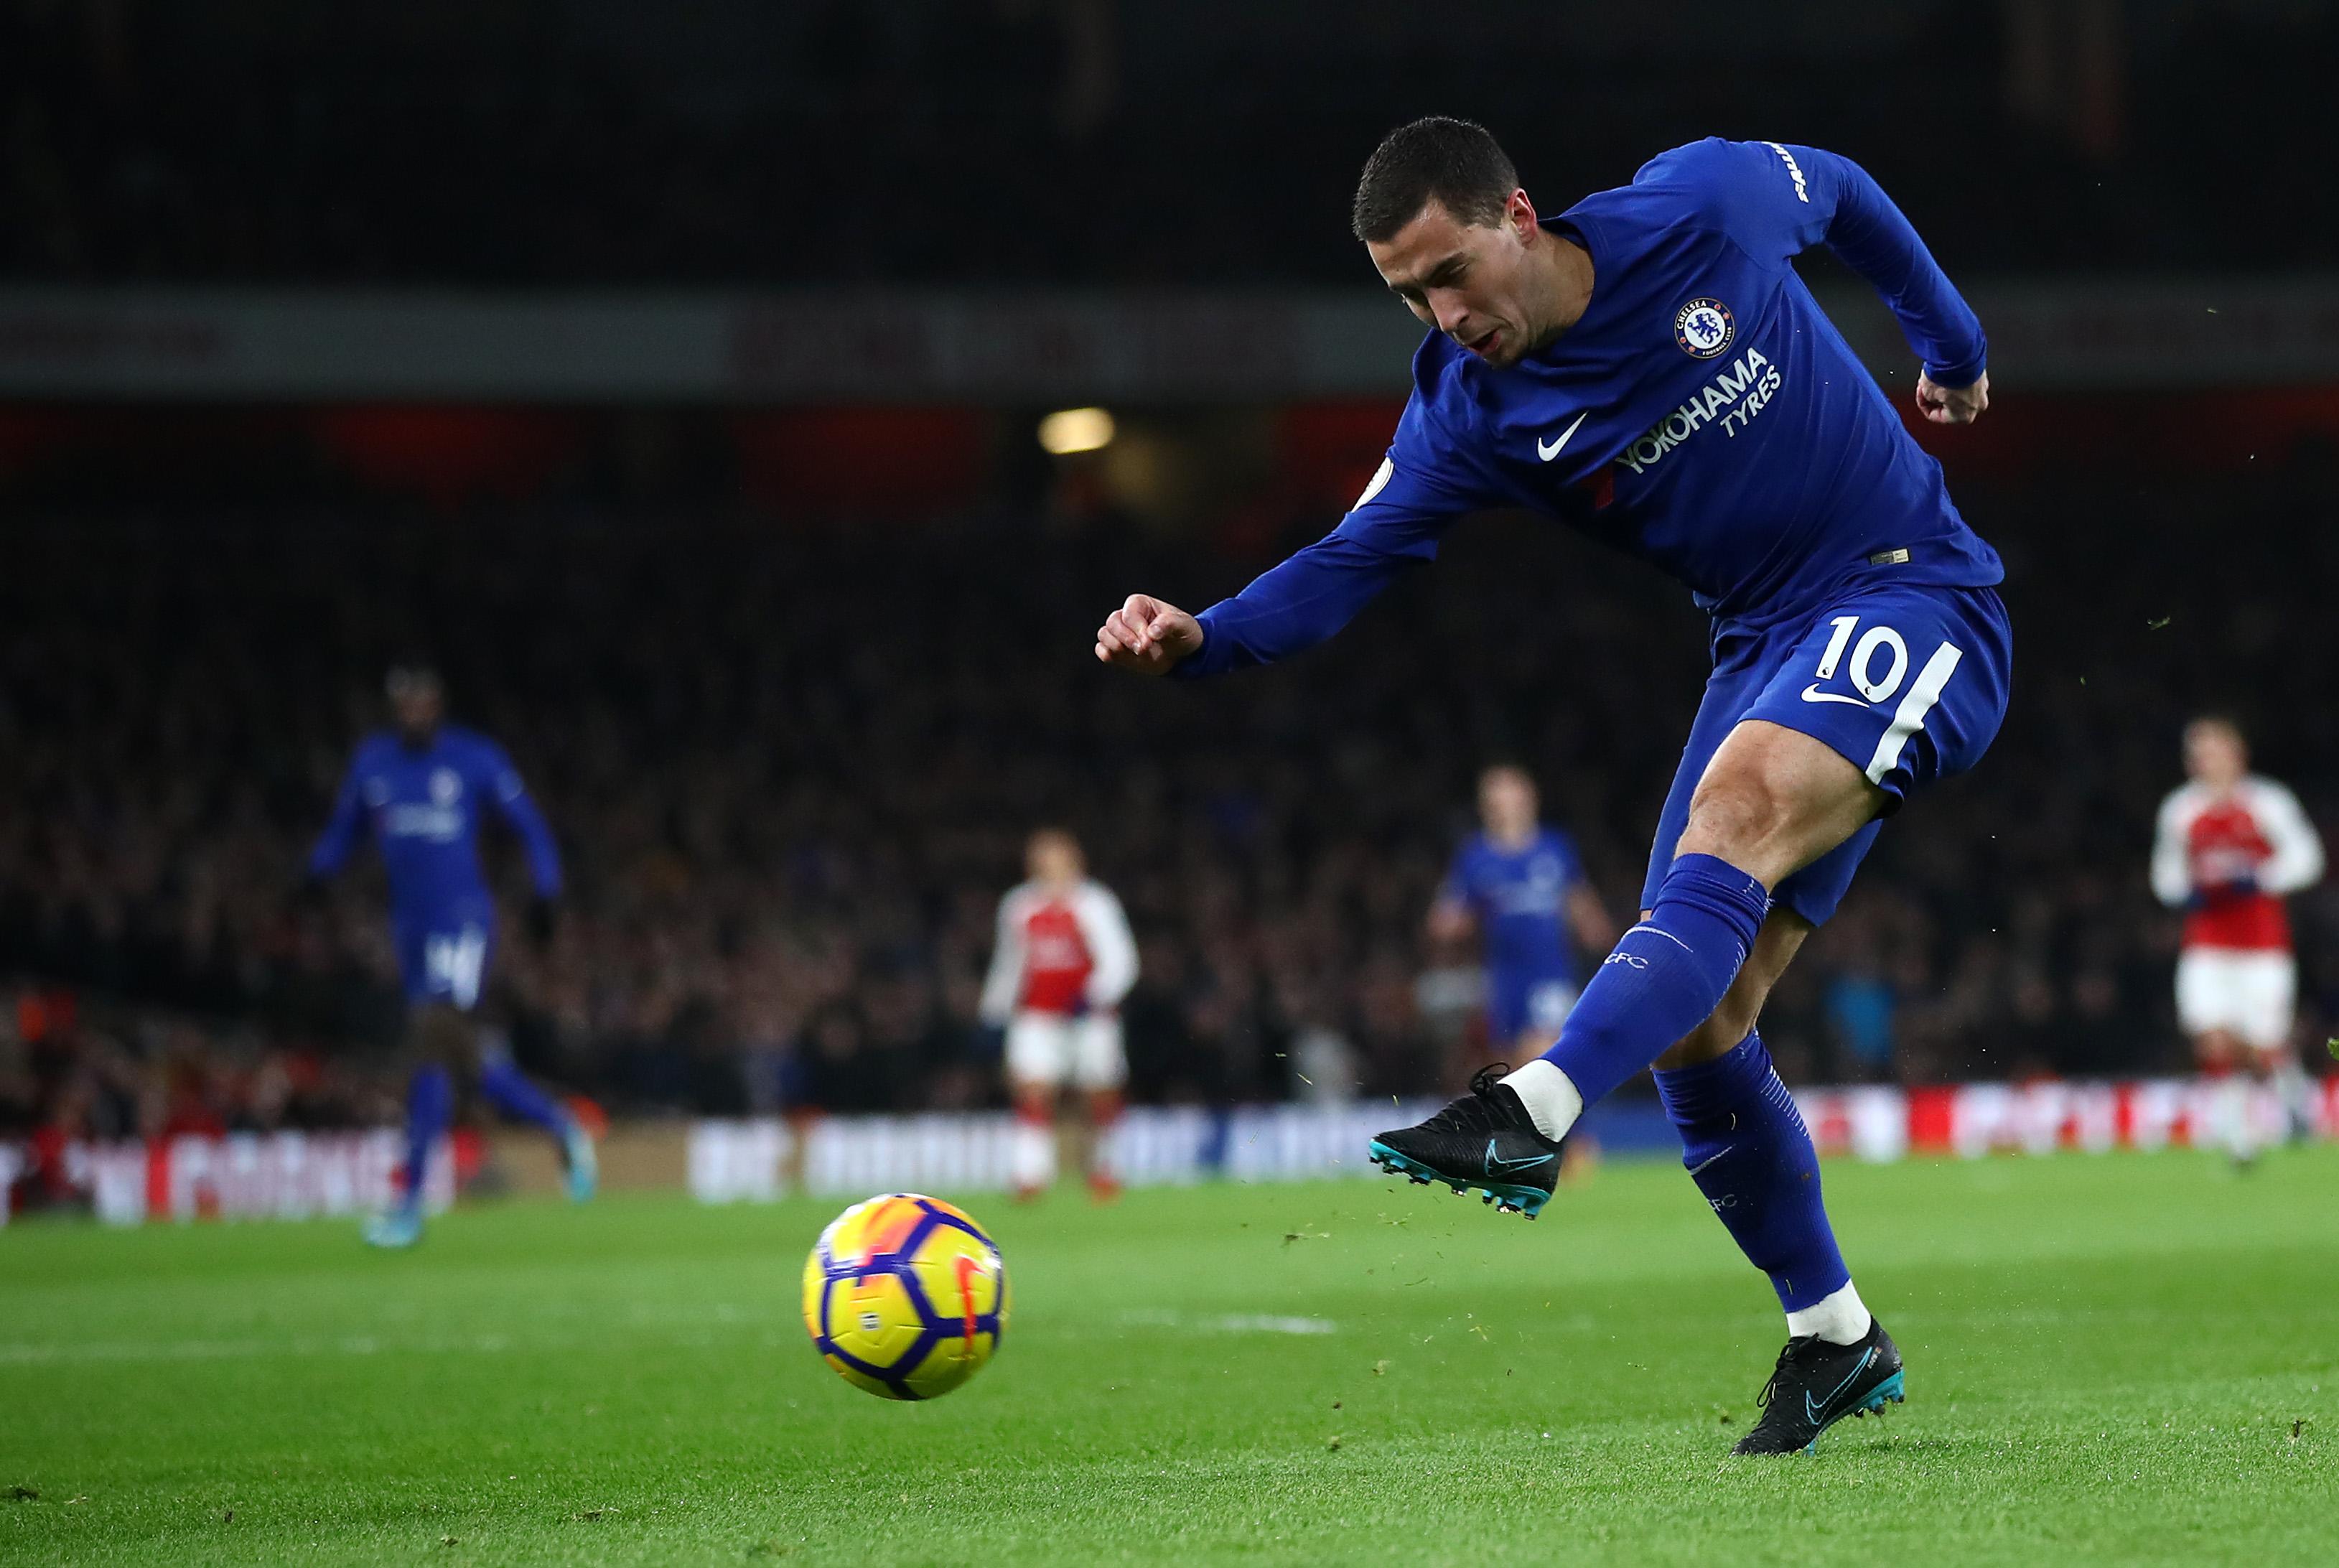 Hazard a refuzat a doua ofertă de prelungire a contractului cu Chelsea. Oferta uriașă făcută de Abramovich